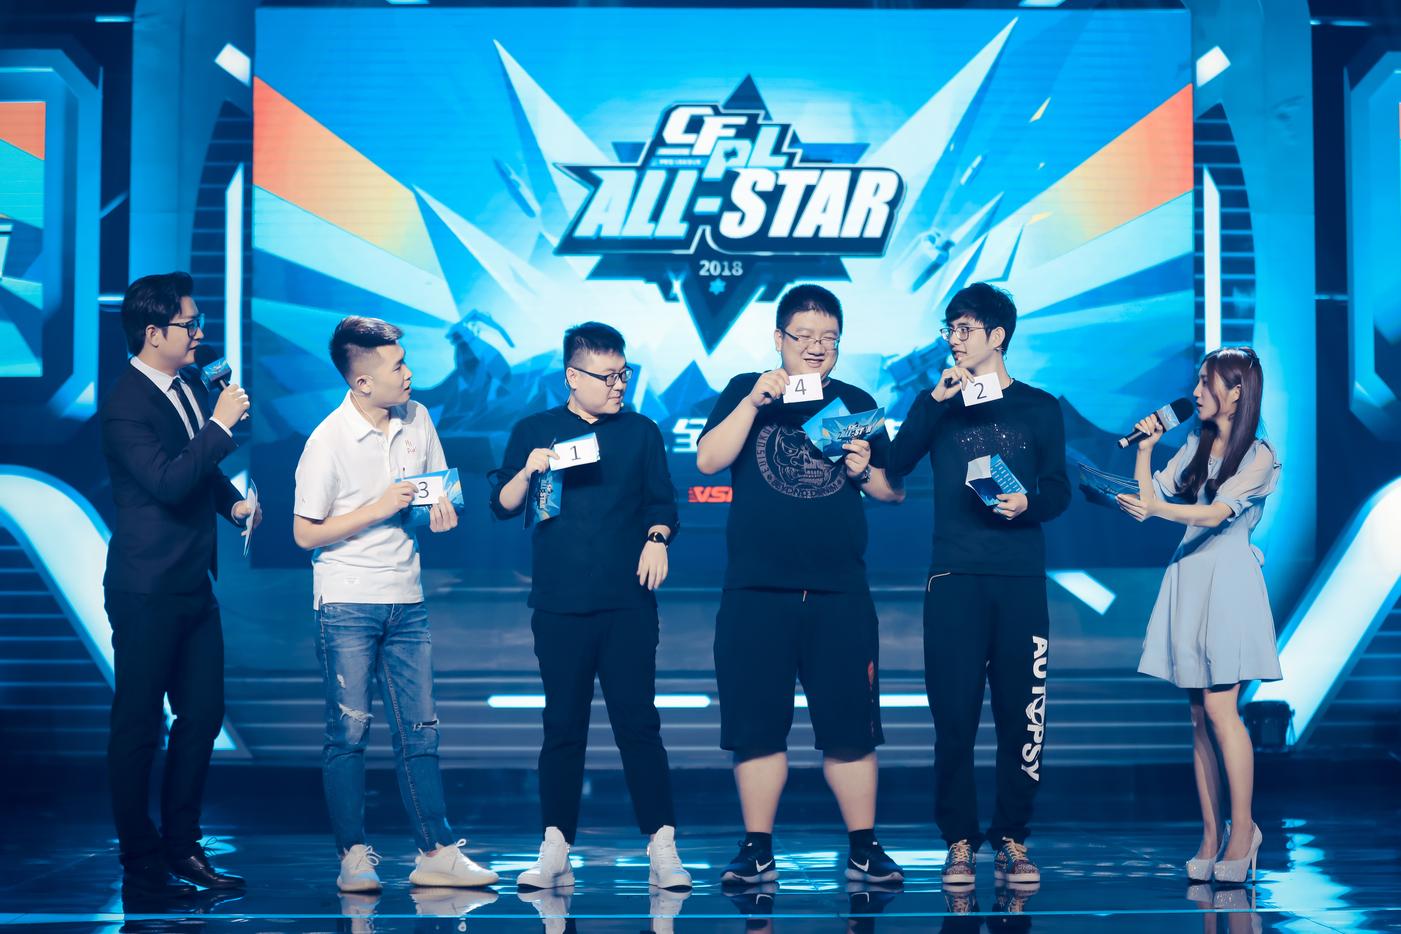 CFPL全明星赛火线范特西酷图:AE小范获金牌经理人称号